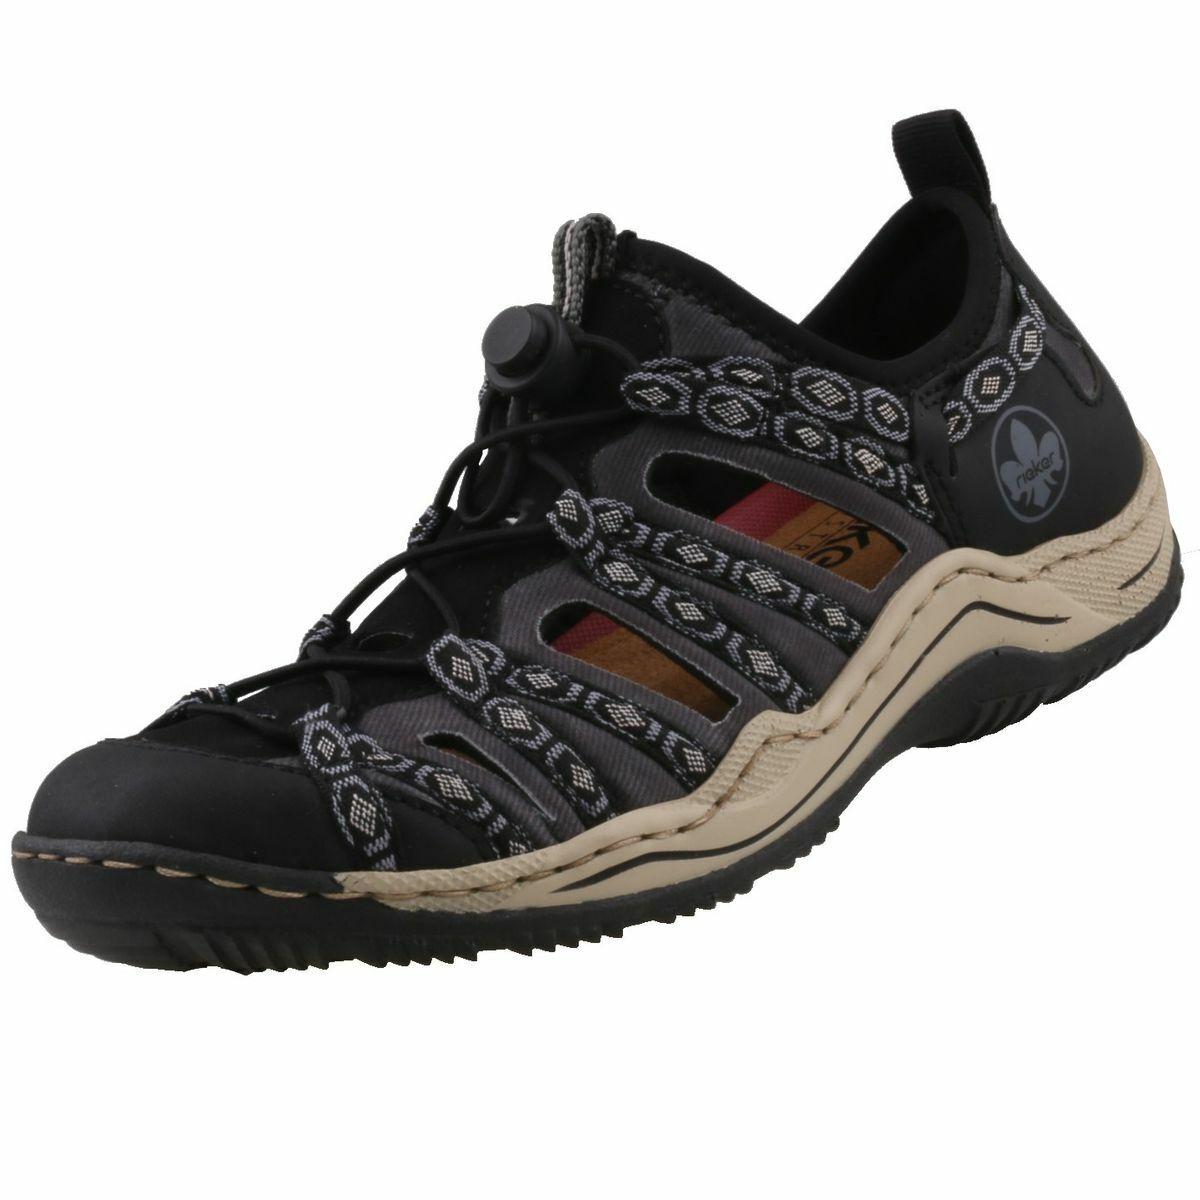 Nuevo zapatos señora zapatos bajo rieker zapatos outdoor-sandalias zapatillas zapato bajo zapatos bailarinas 41d58f